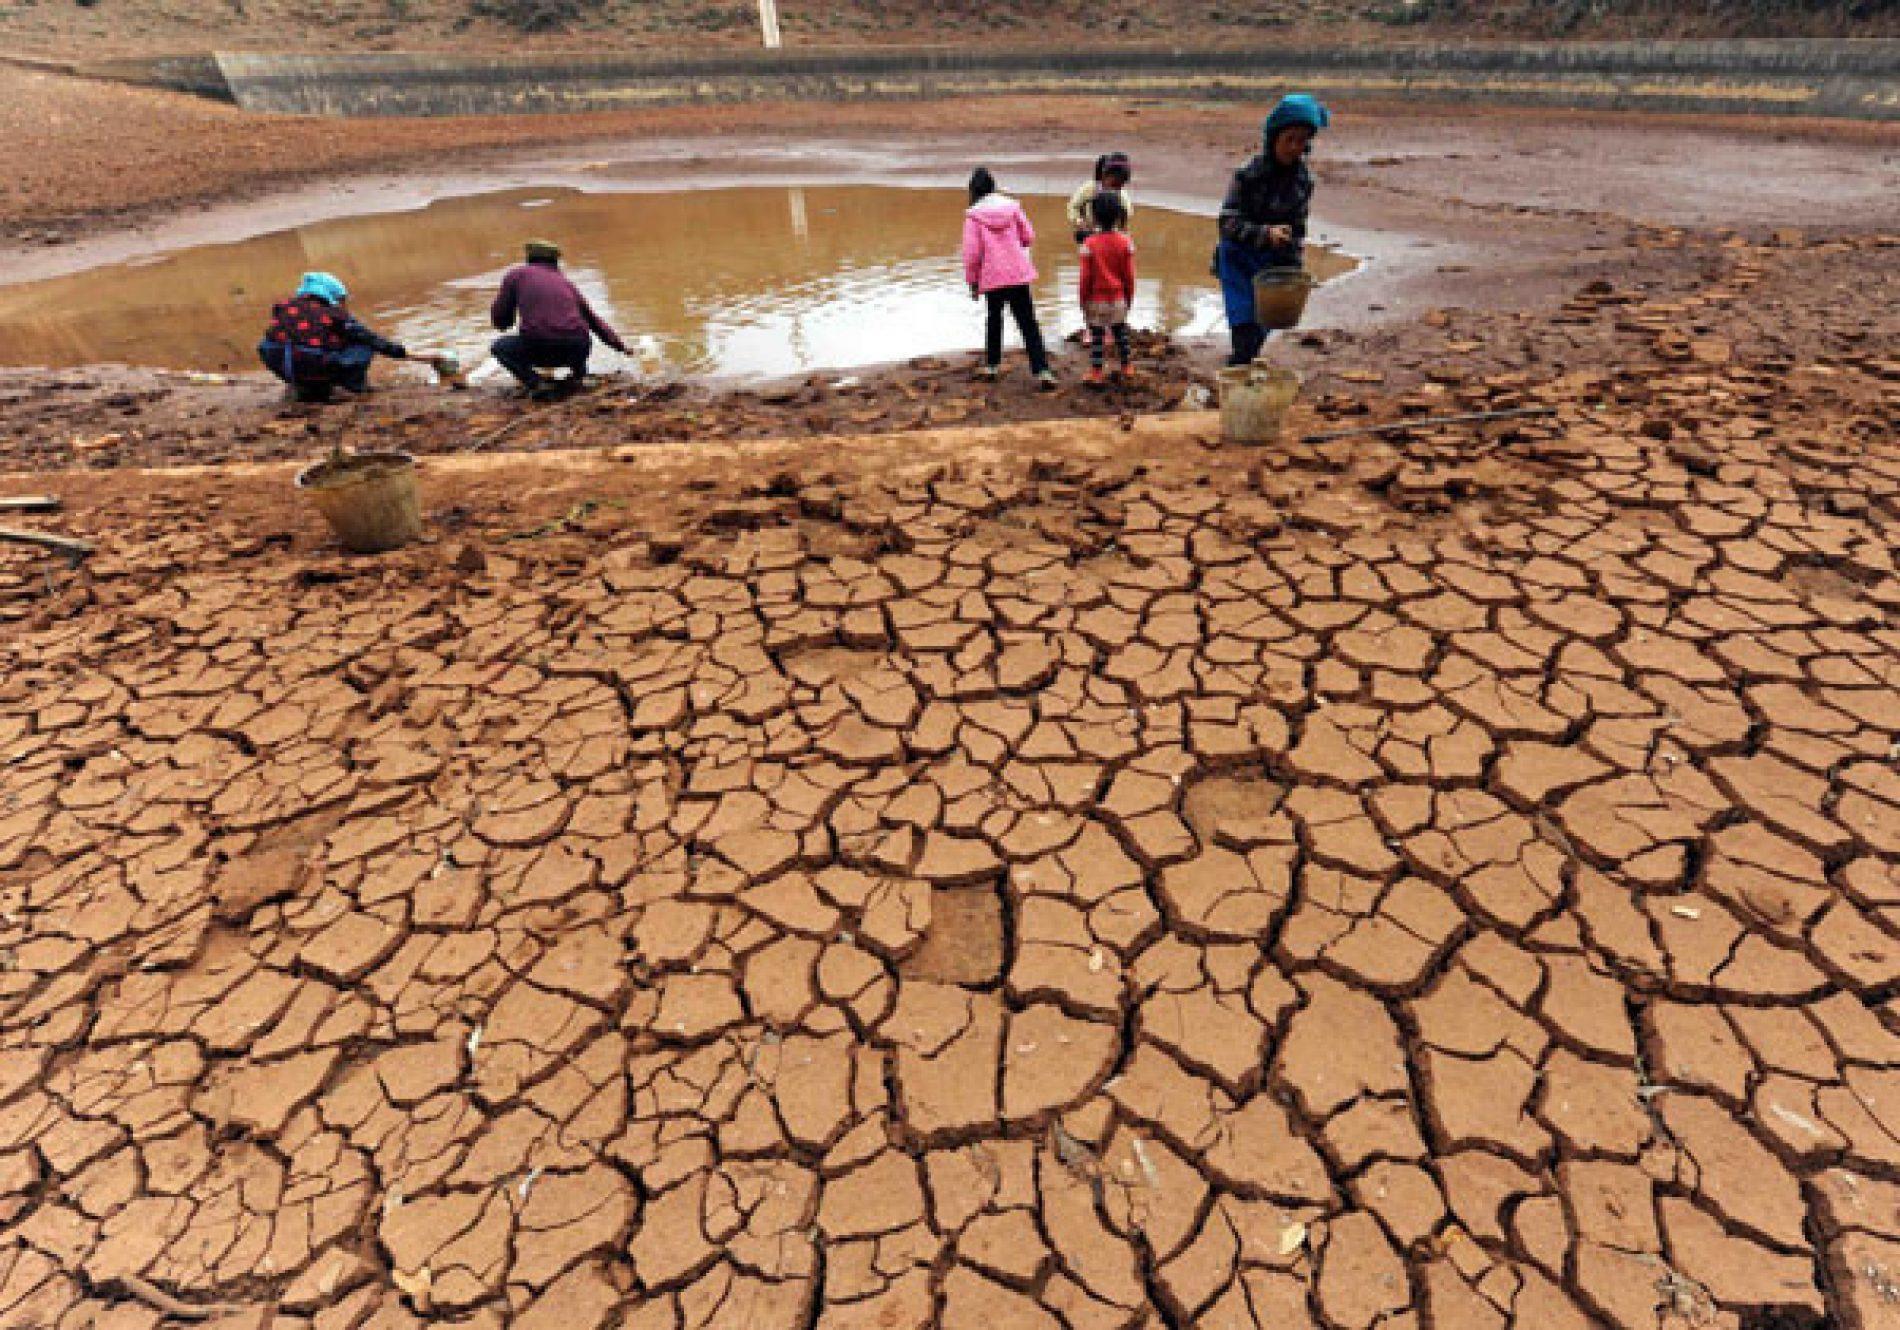 Changement climatique: Un Plan national d'adaptation en cours d'élaboration au Ghana